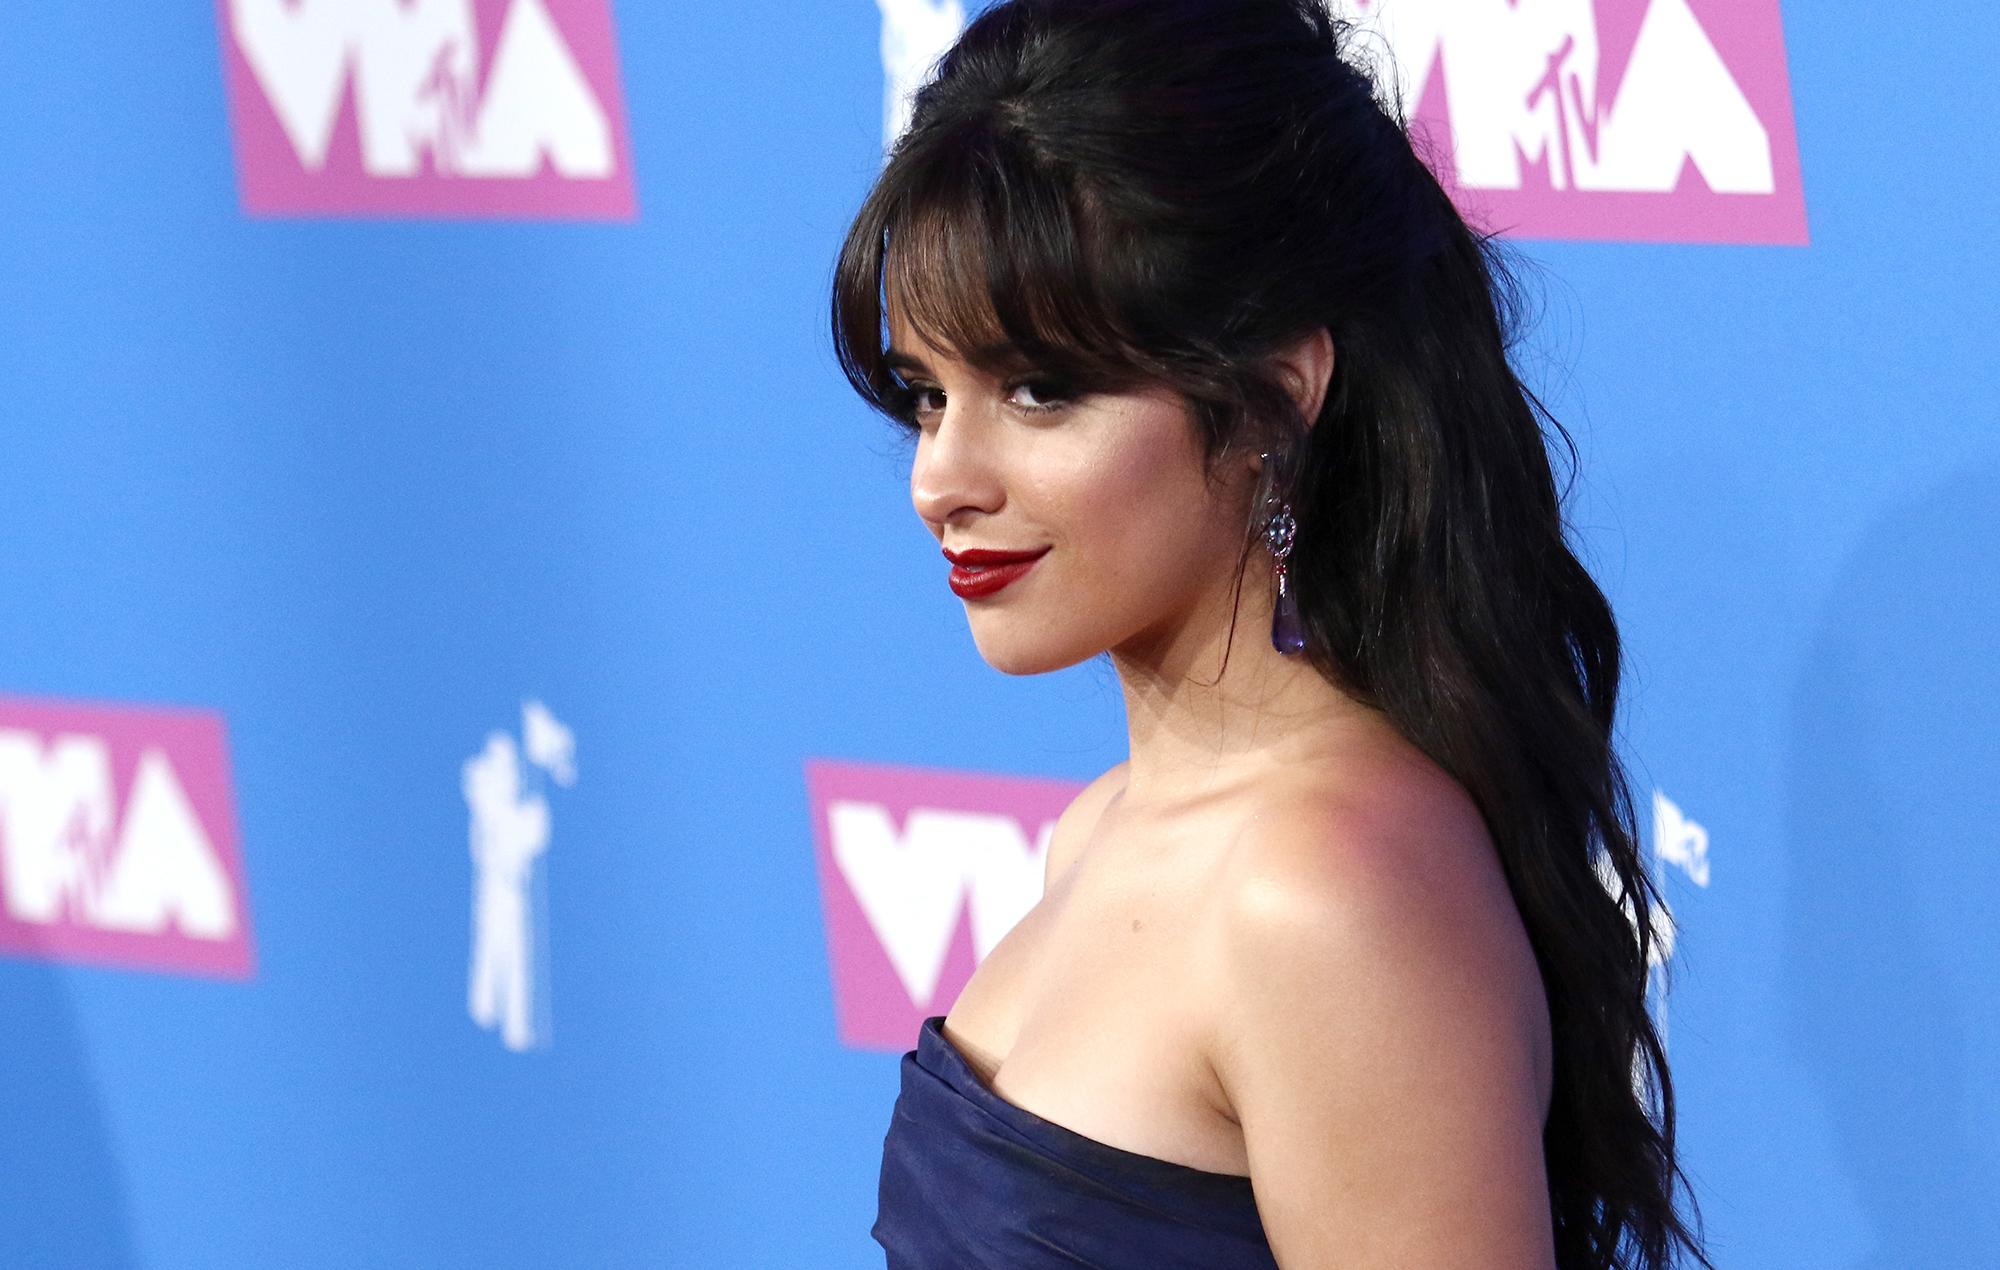 Camila Cabello at the VMAs 2018